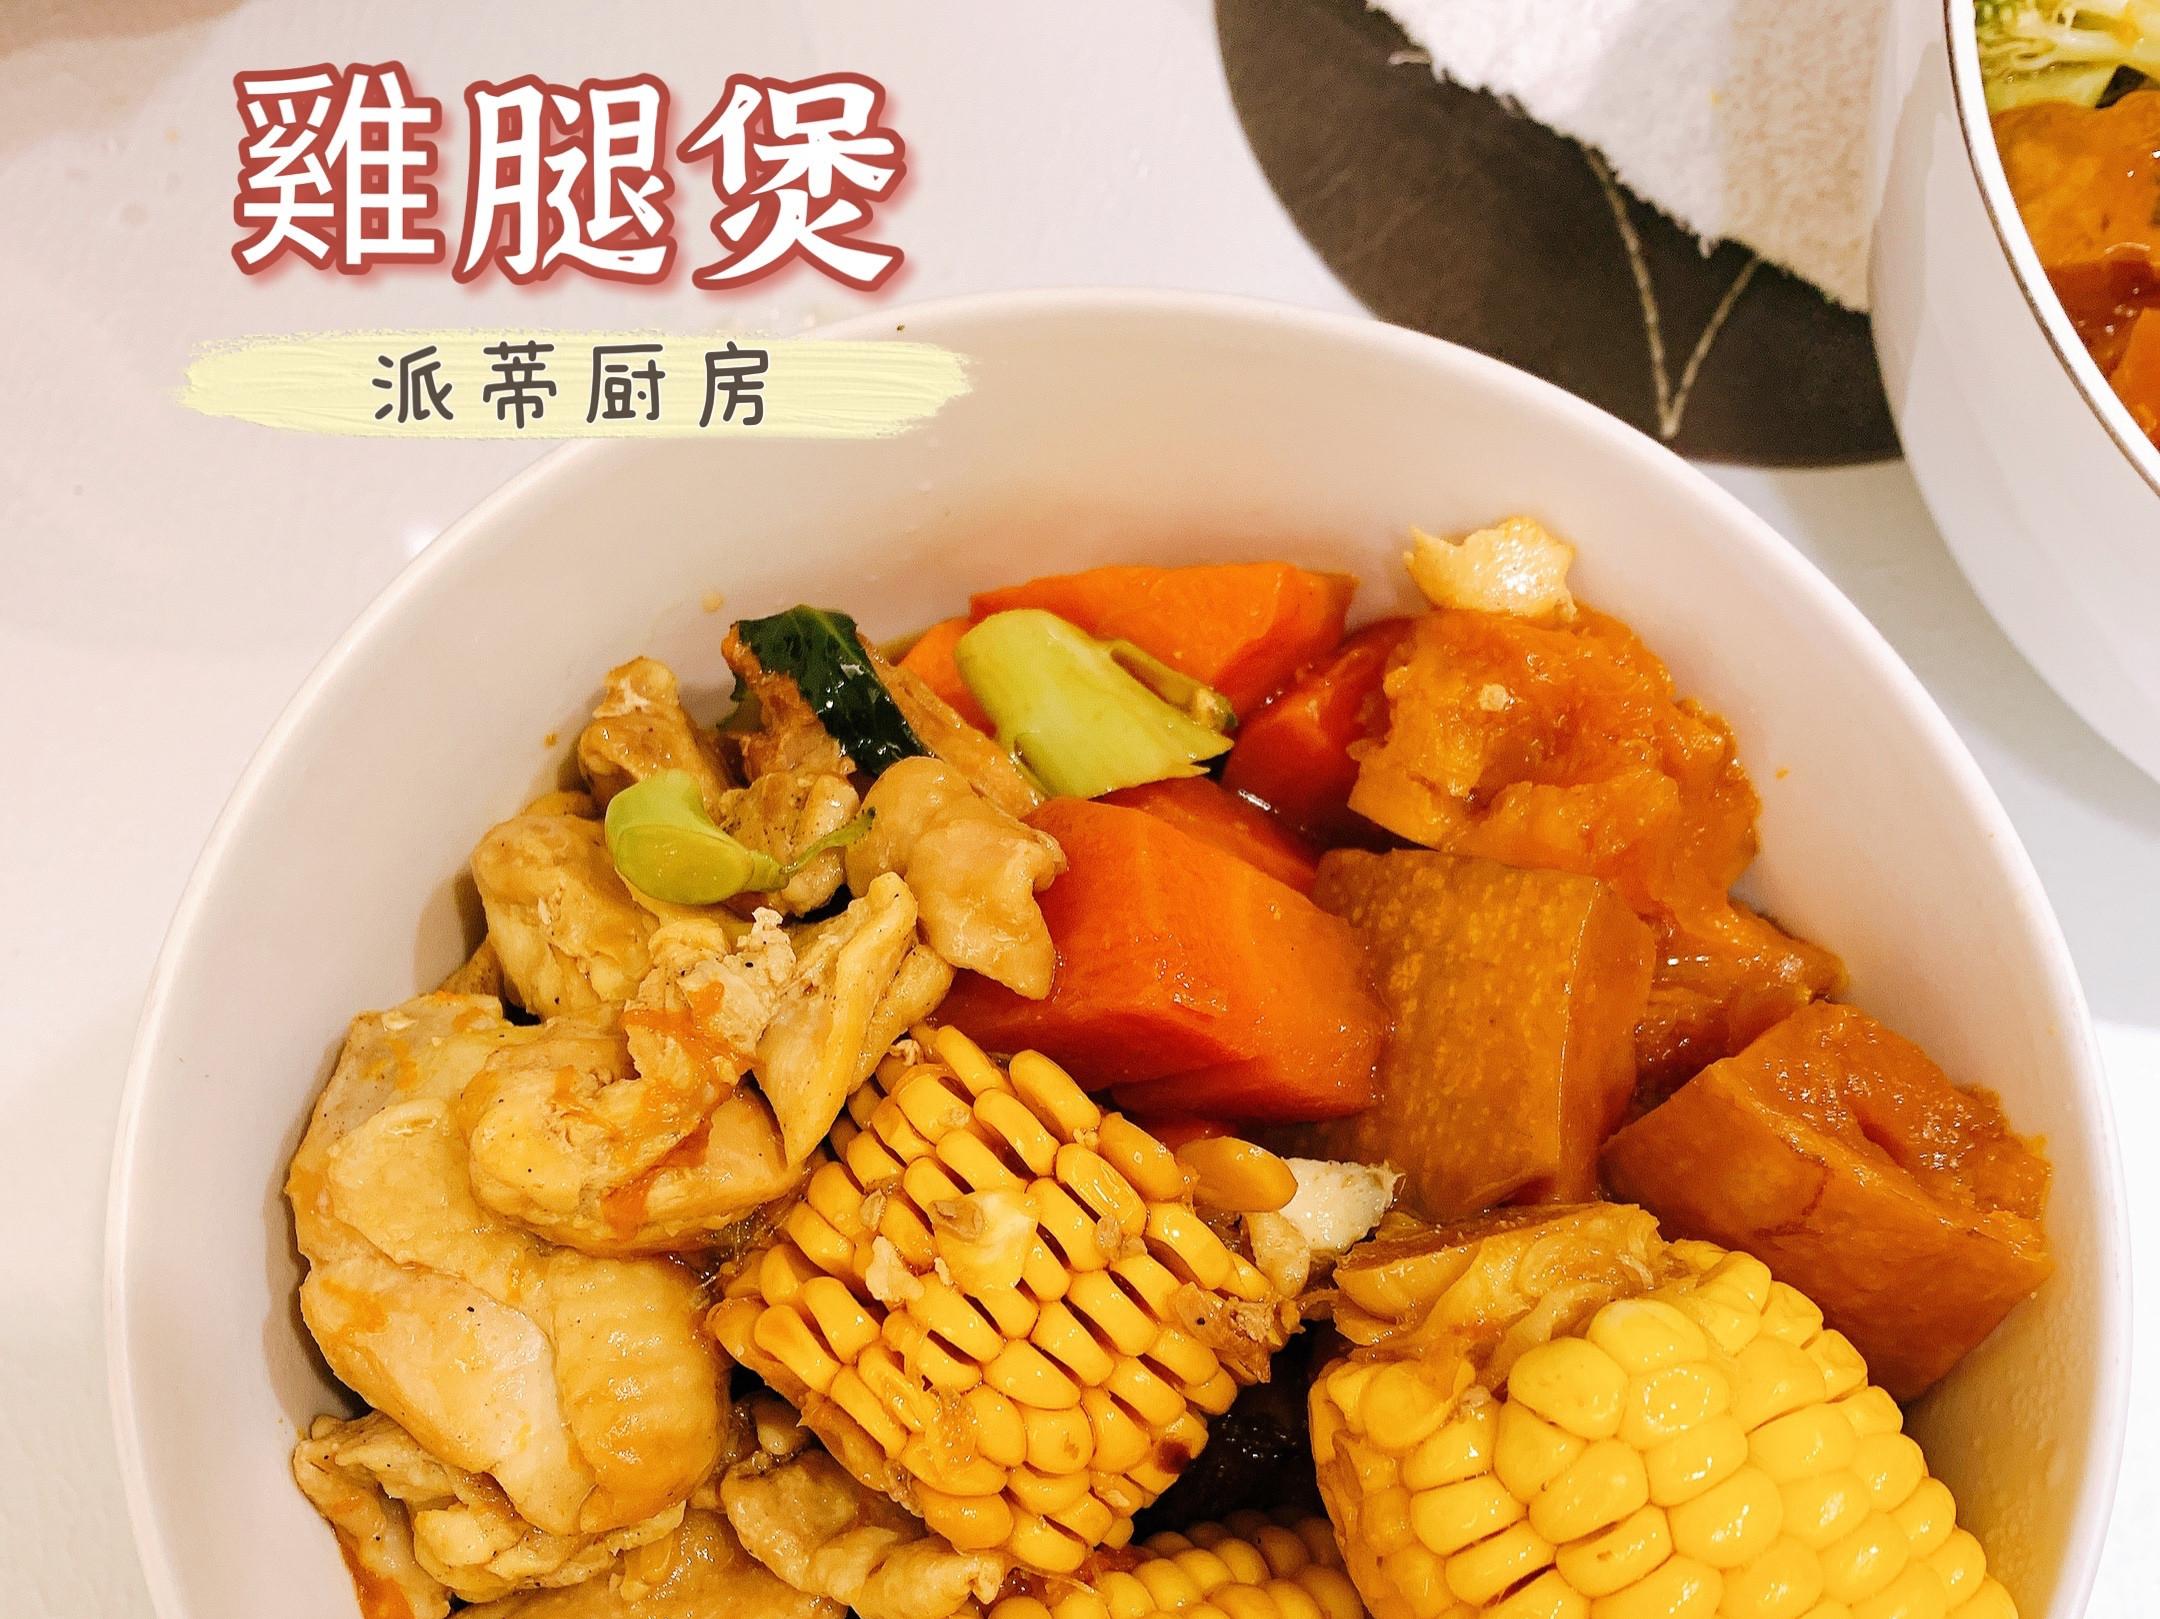 「家常菜」燉雞腿🍗低脂低油高蛋白